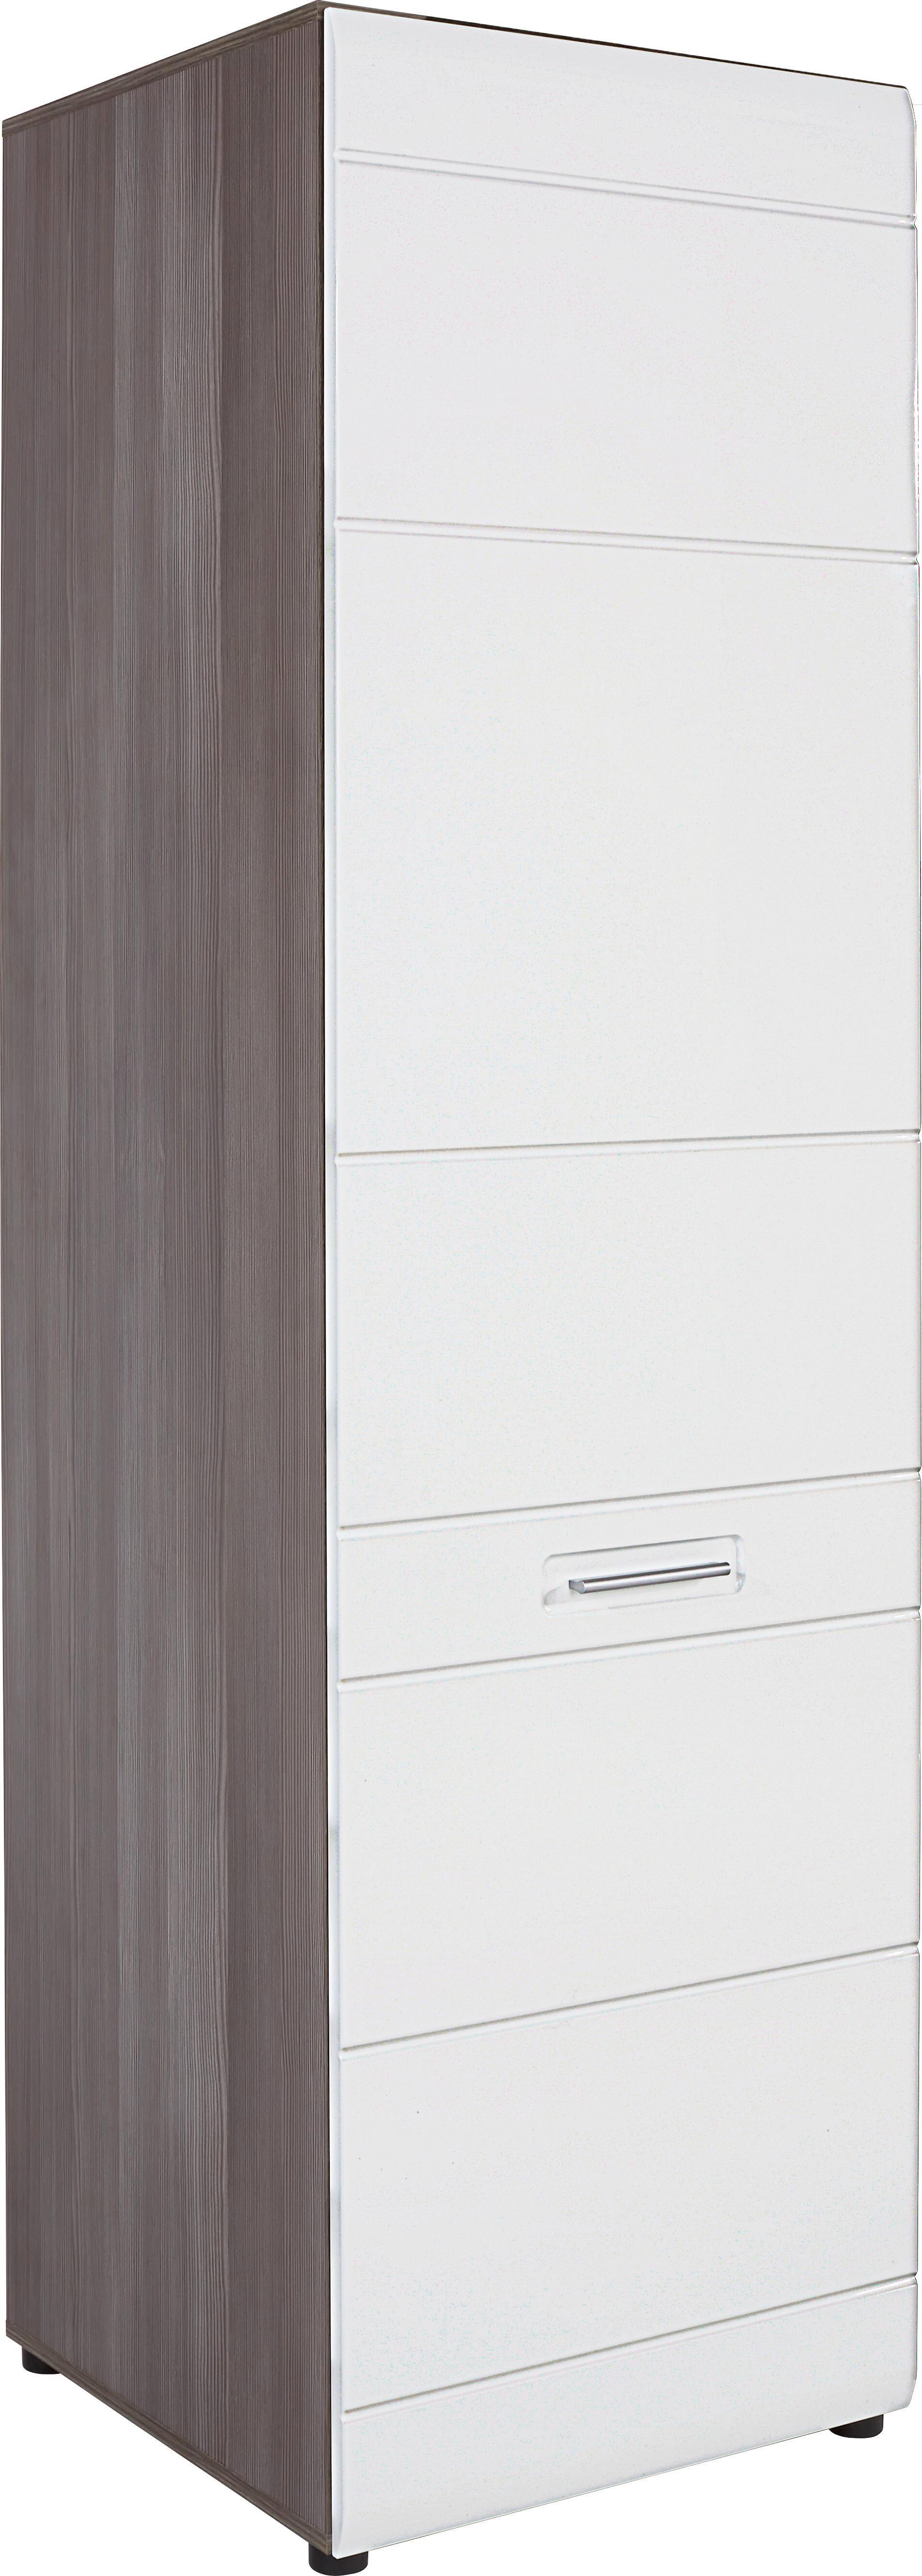 Ruhásszekrény Avensis - bronz szín/fehér, modern, fa (60/206/60cm) - LUCA BESSONI